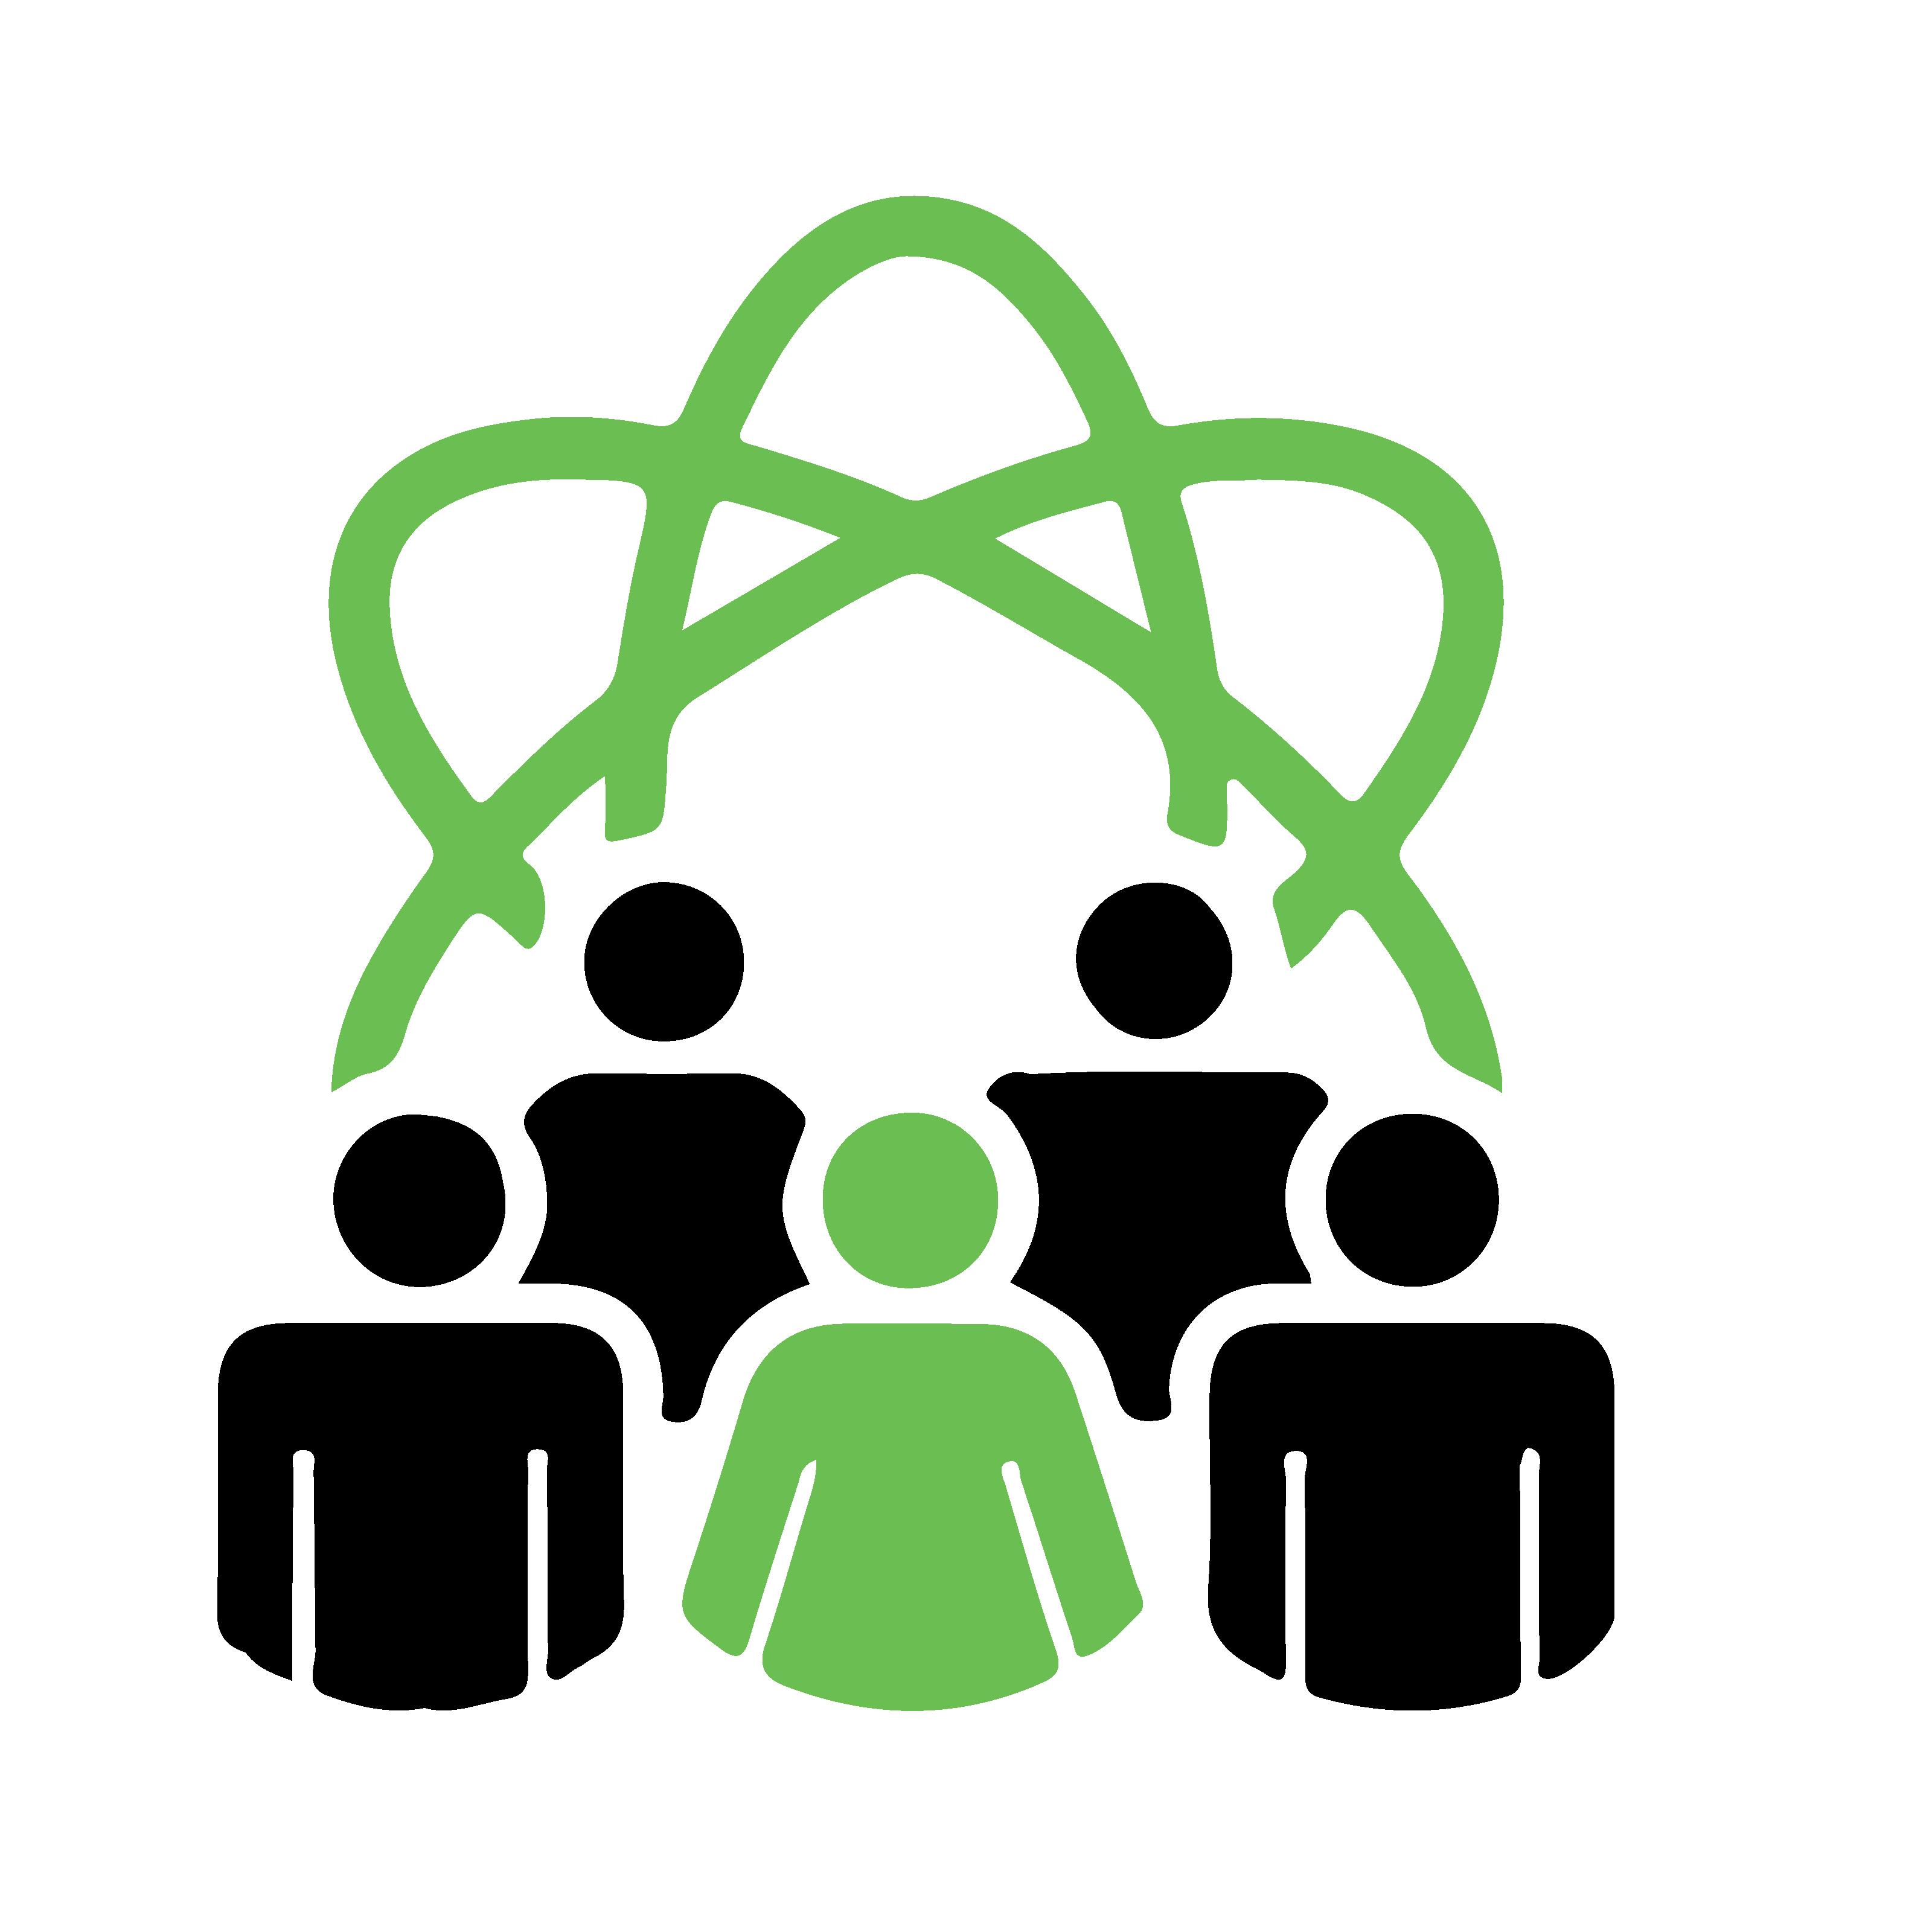 image-icone-valeurs-rncreq_Plan de travail 1